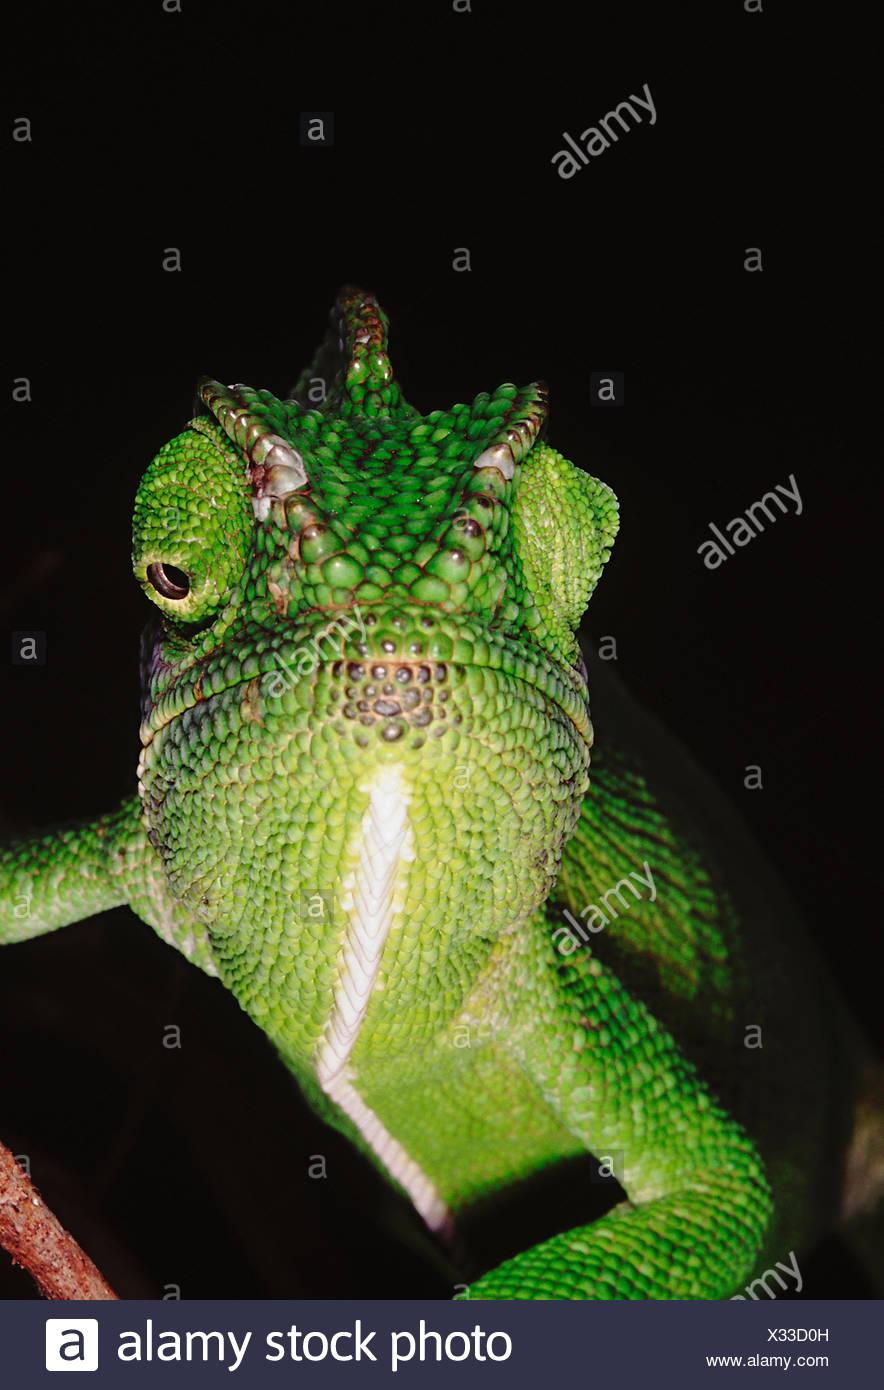 El camaleón tiene la capacidad de cambiar su color, así como sombra dependiendo de su humor y sus alrededores. Chameleon Zeylanicus Imagen De Stock